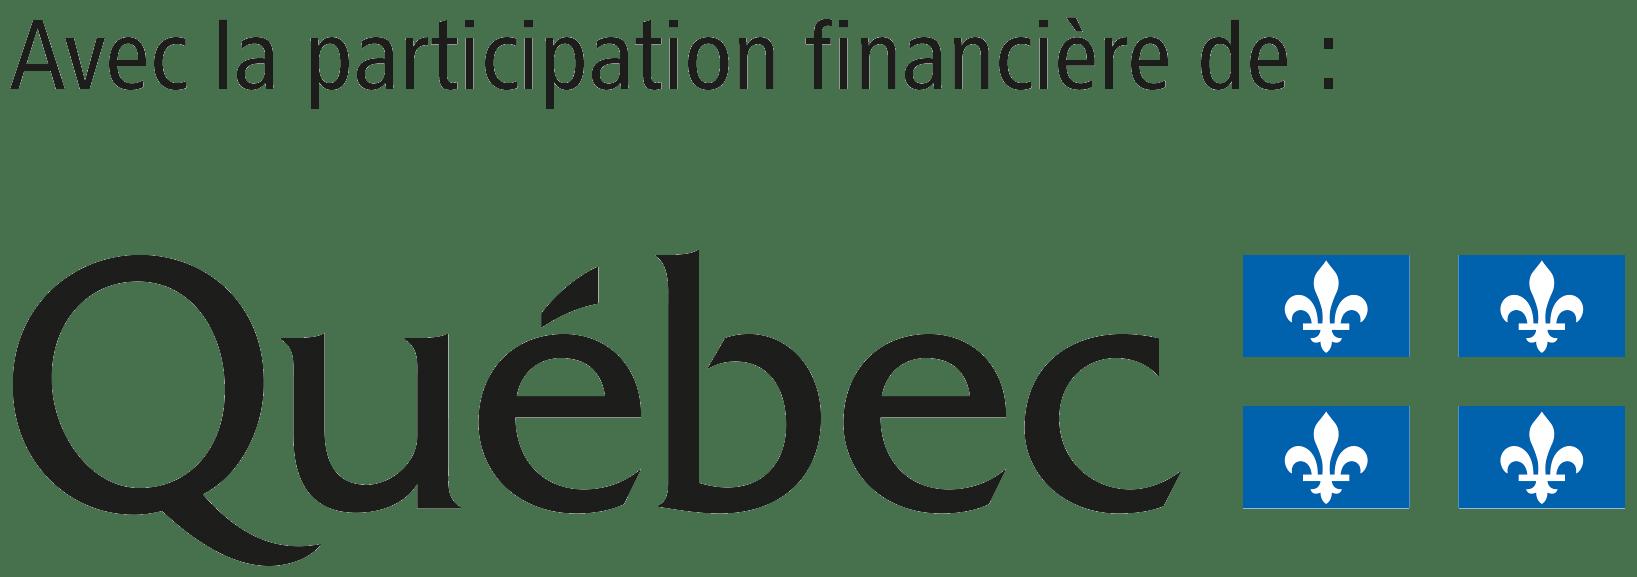 Site officiel du gouvernement du Québec